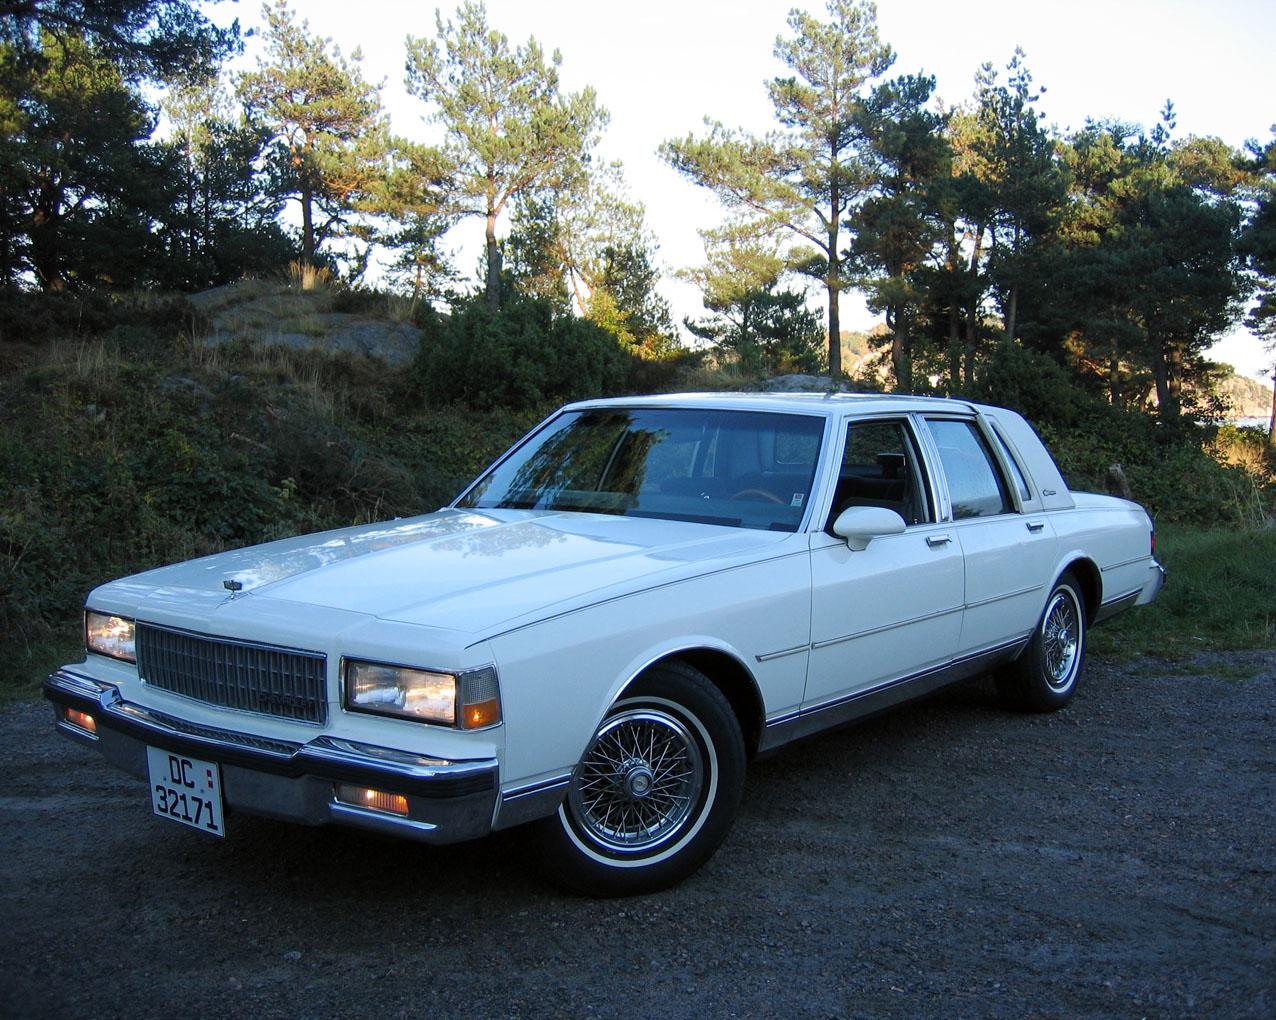 Caprice 1989 Chevrolet